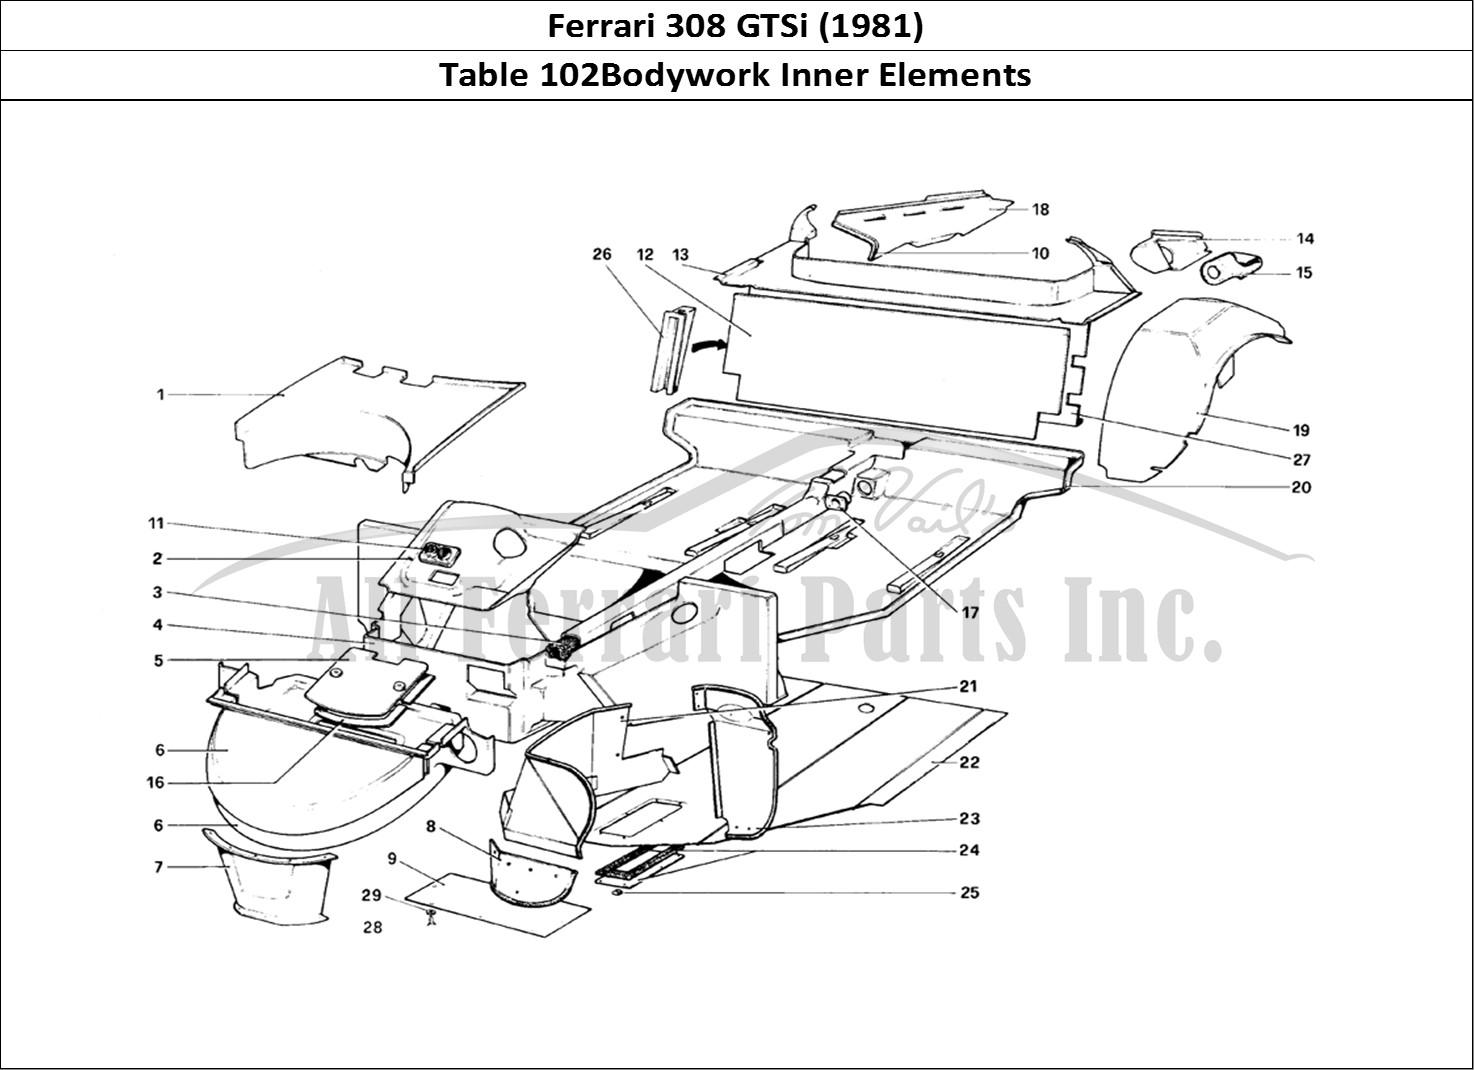 Buy original Ferrari 308 GTSi (1981) 102Bodywork Inner